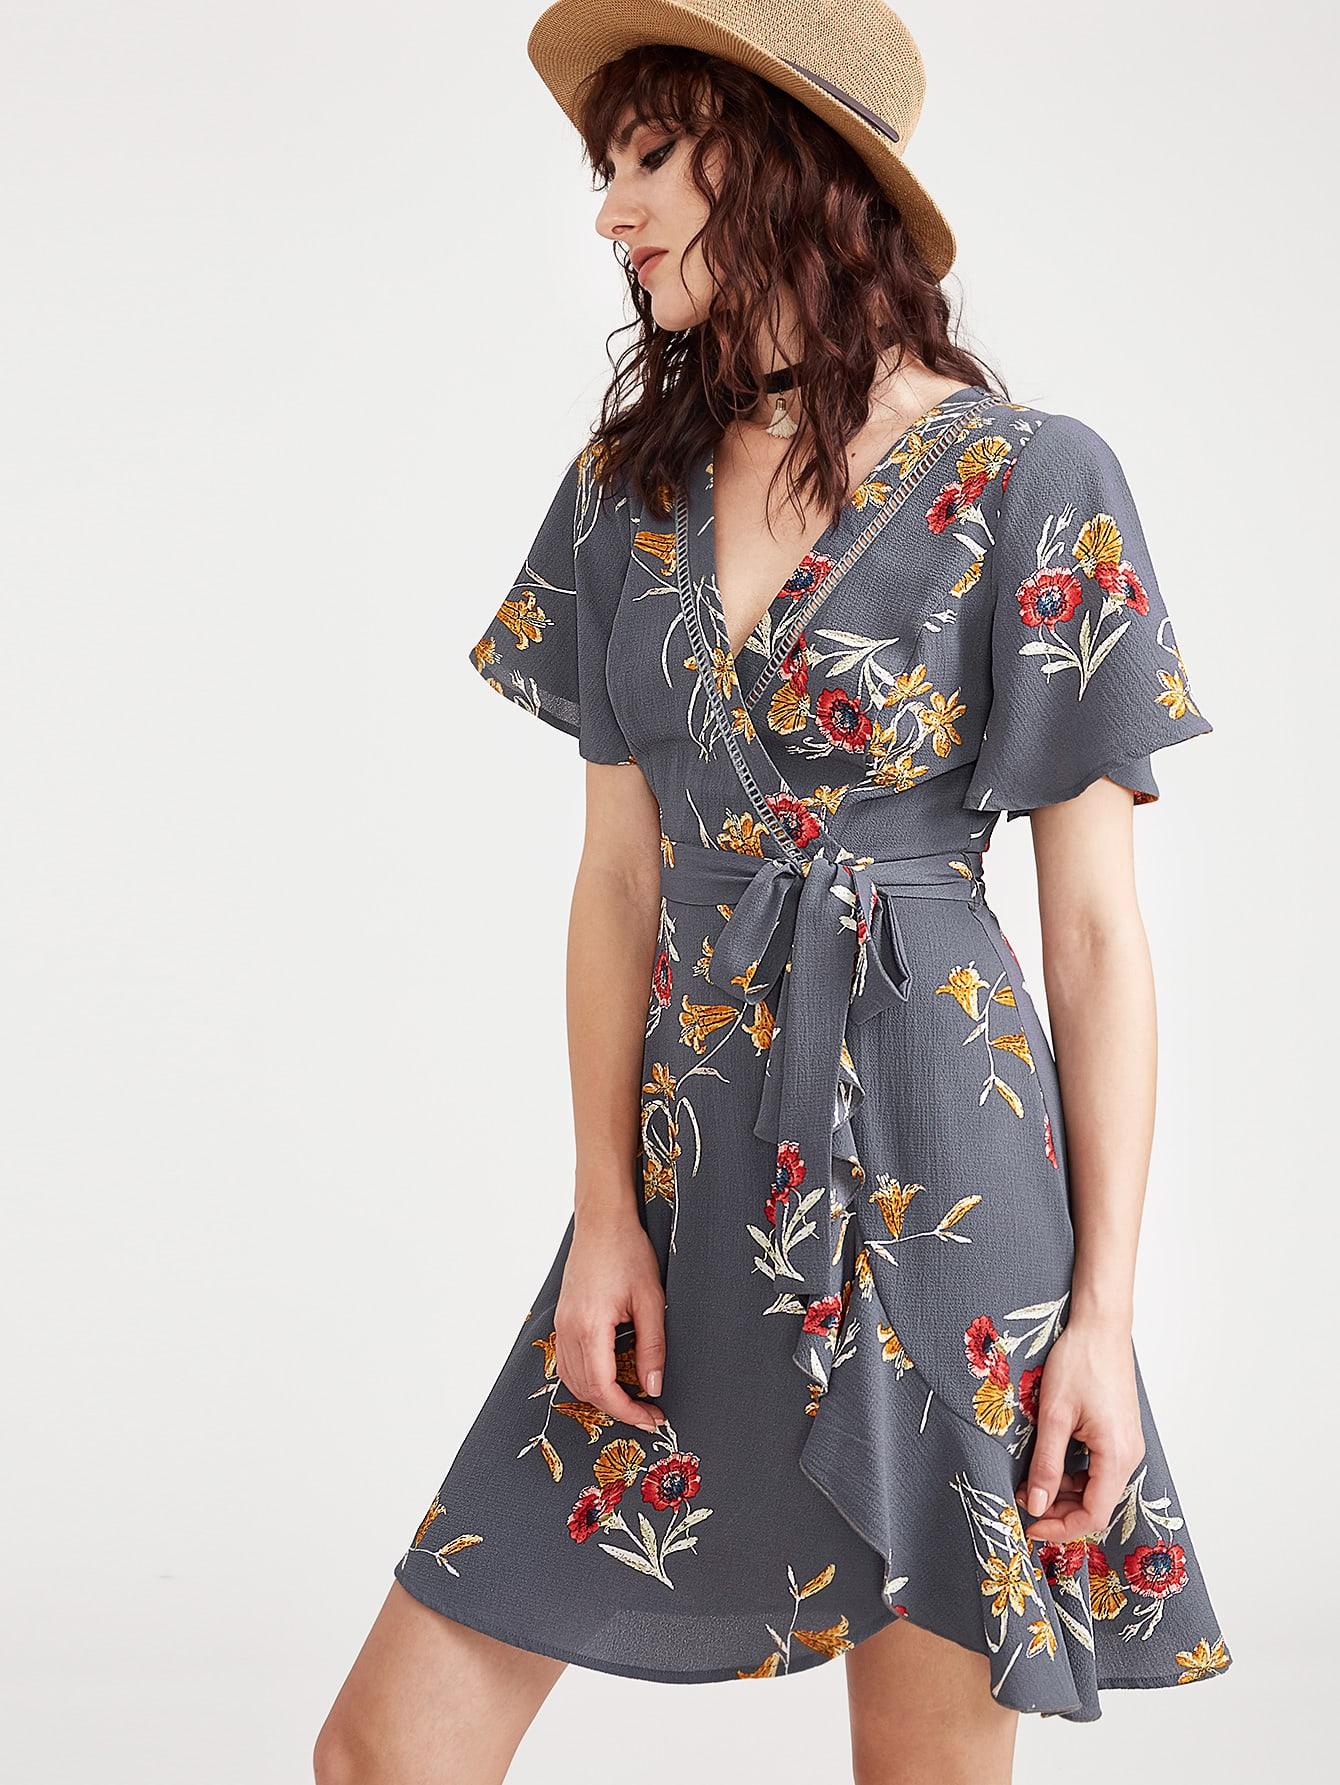 dress170302452_2